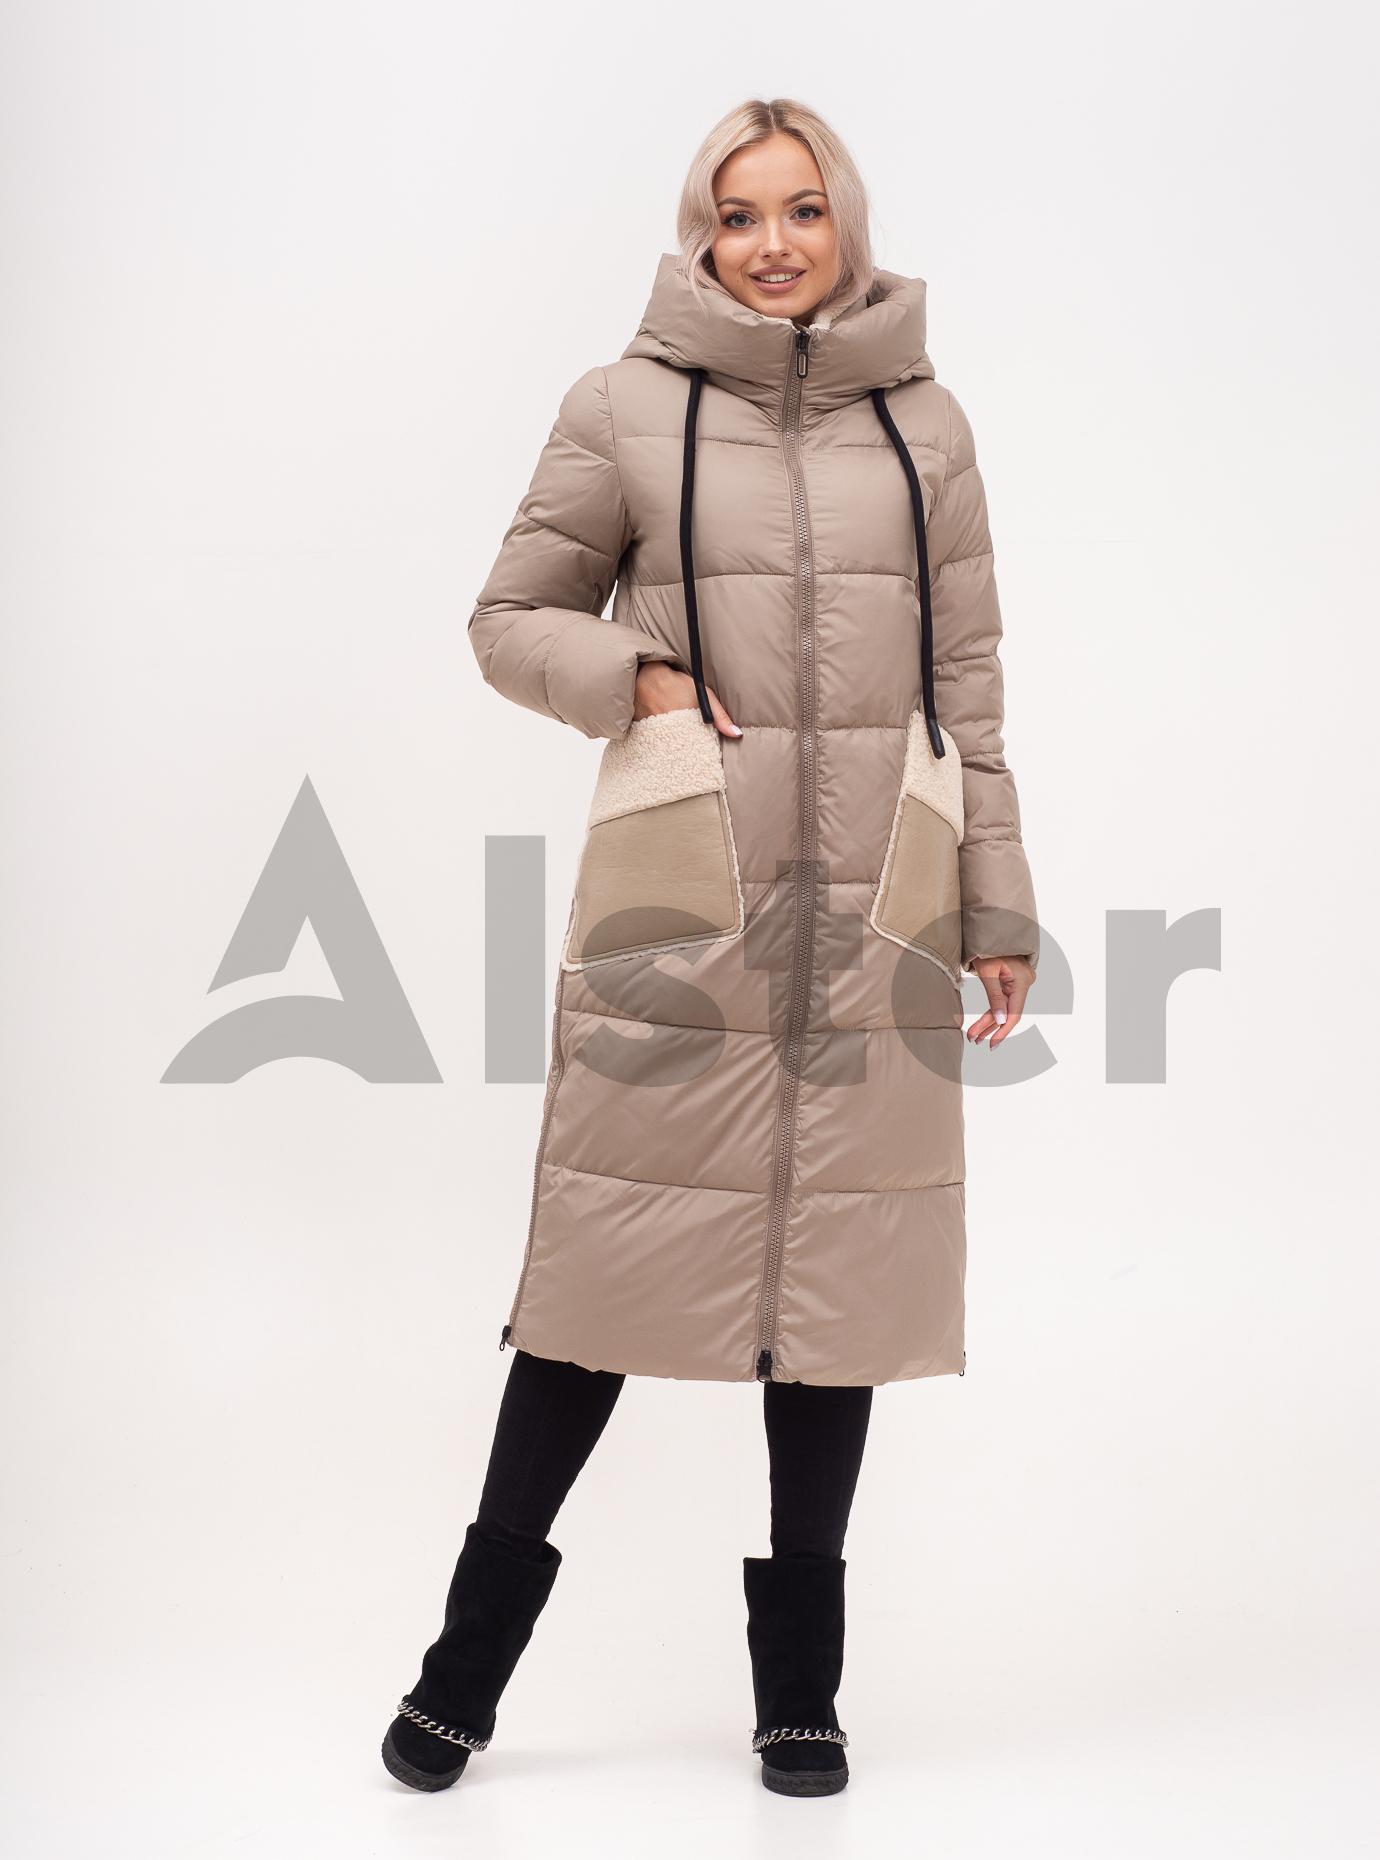 Куртка зимняя длинная с экомехом Бежевый S (02-N200569): фото - Alster.ua